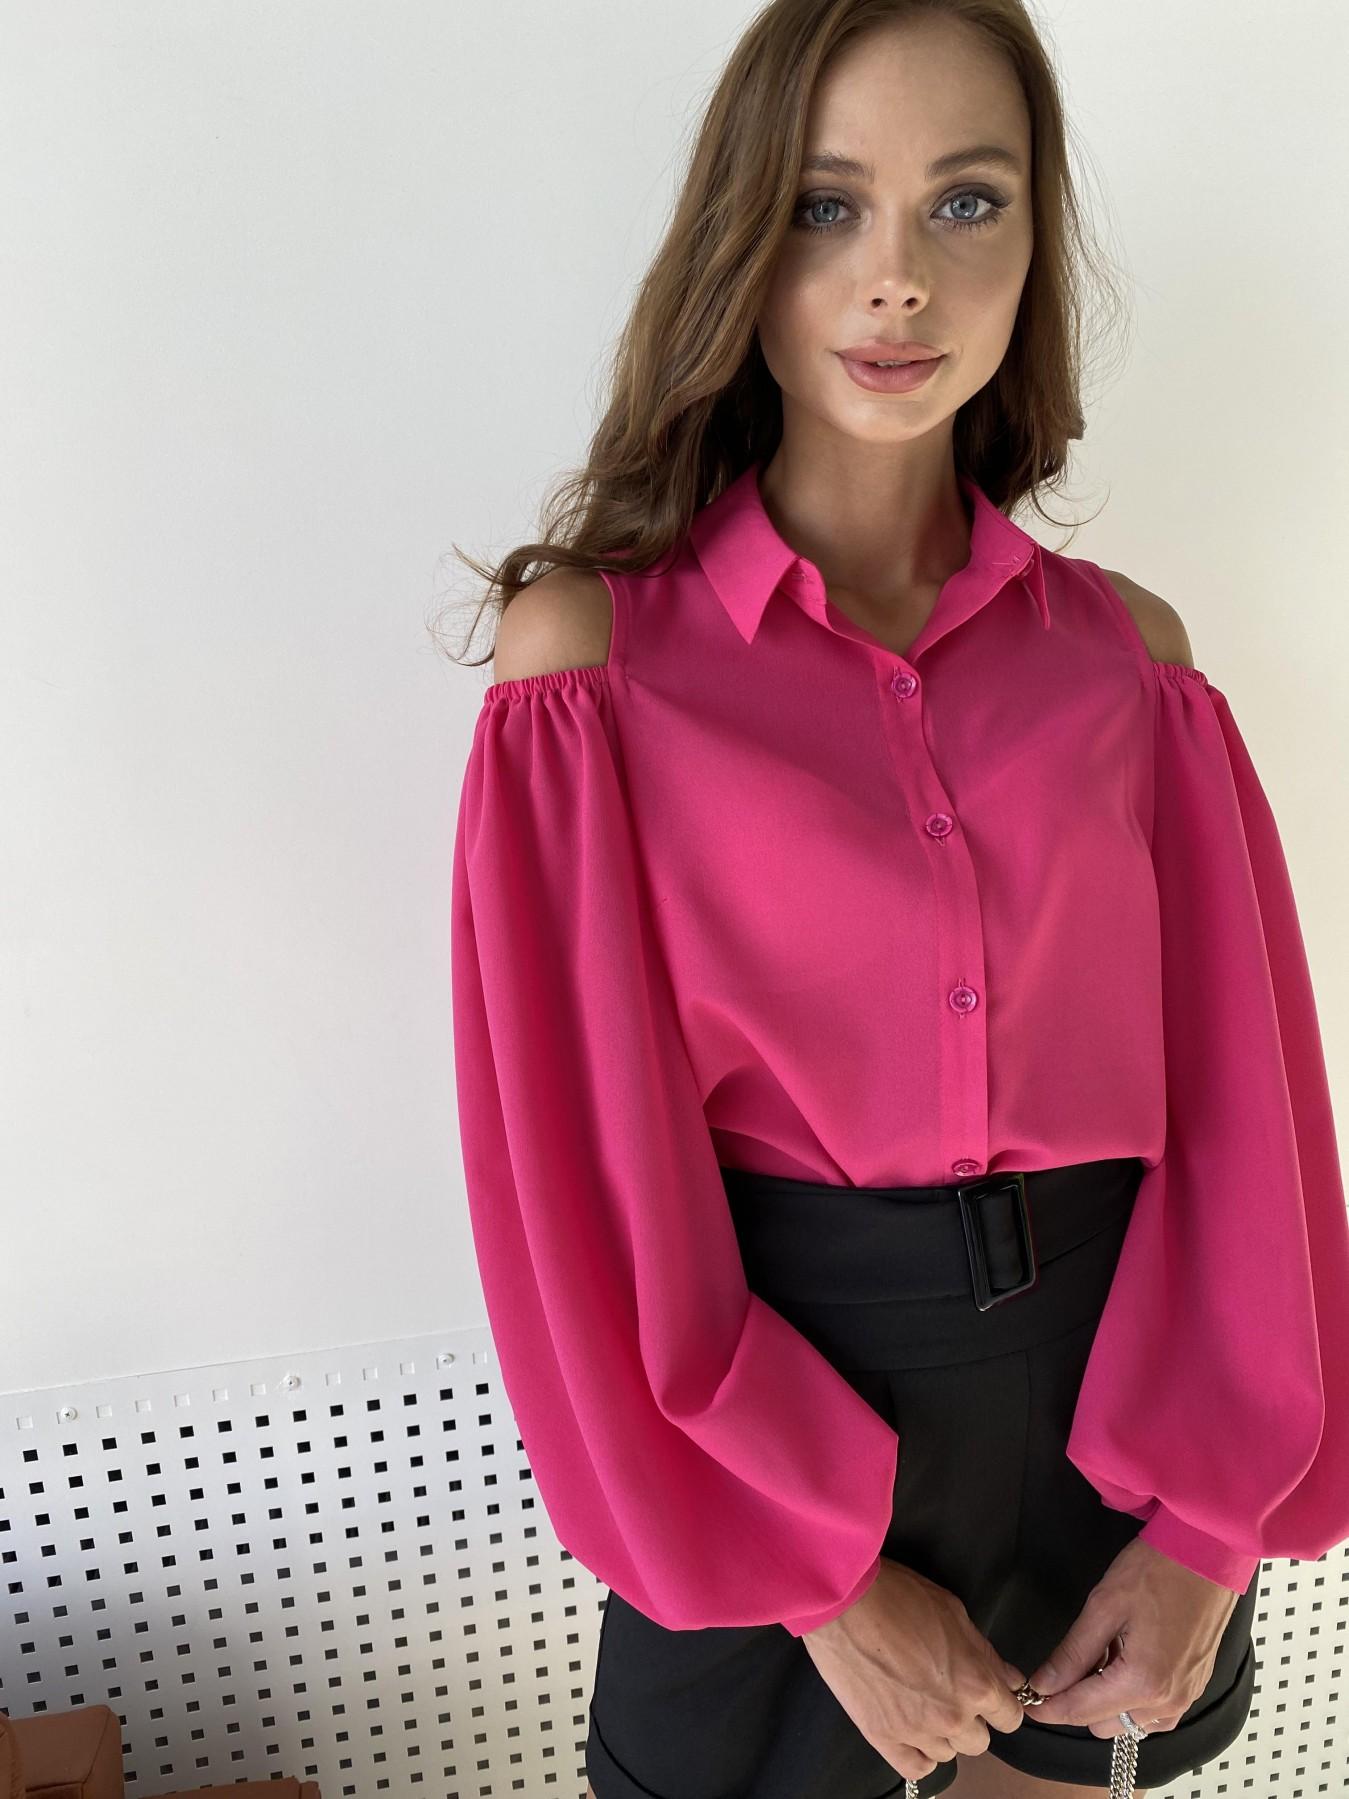 Адель блуза из креп креш шифона 11657 АРТ. 48372 Цвет: Малиновый - фото 5, интернет магазин tm-modus.ru